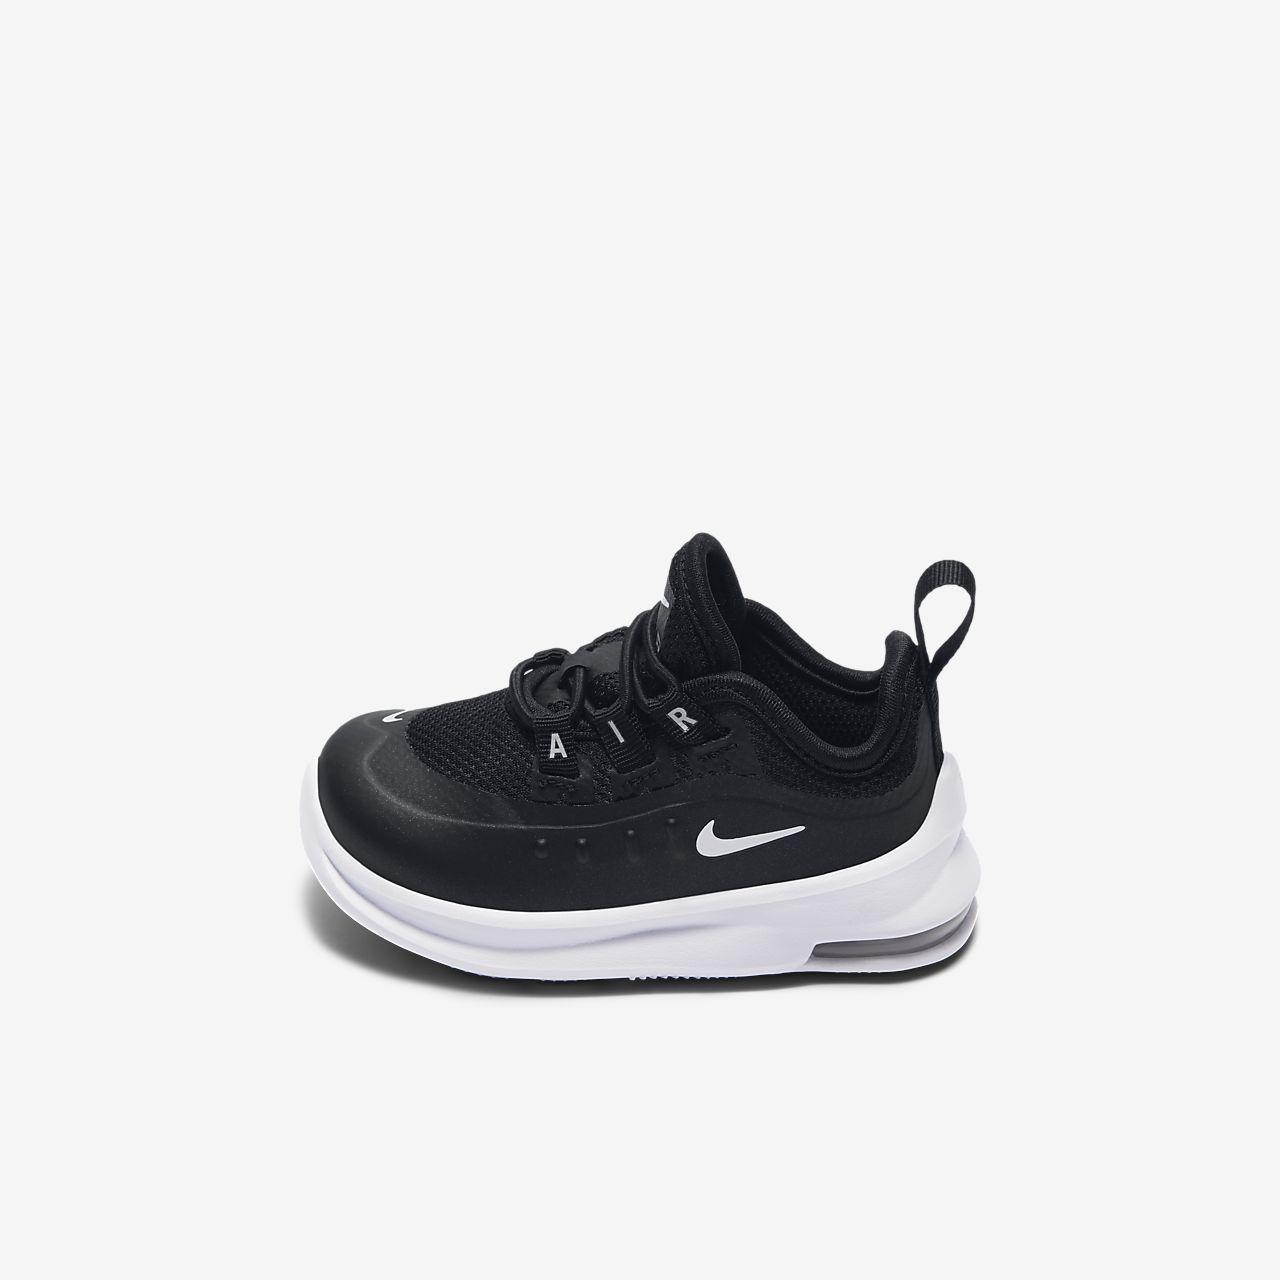 37282e87695 Chaussure Nike Air Max Axis pour Bébé Petit enfant. Nike.com FR